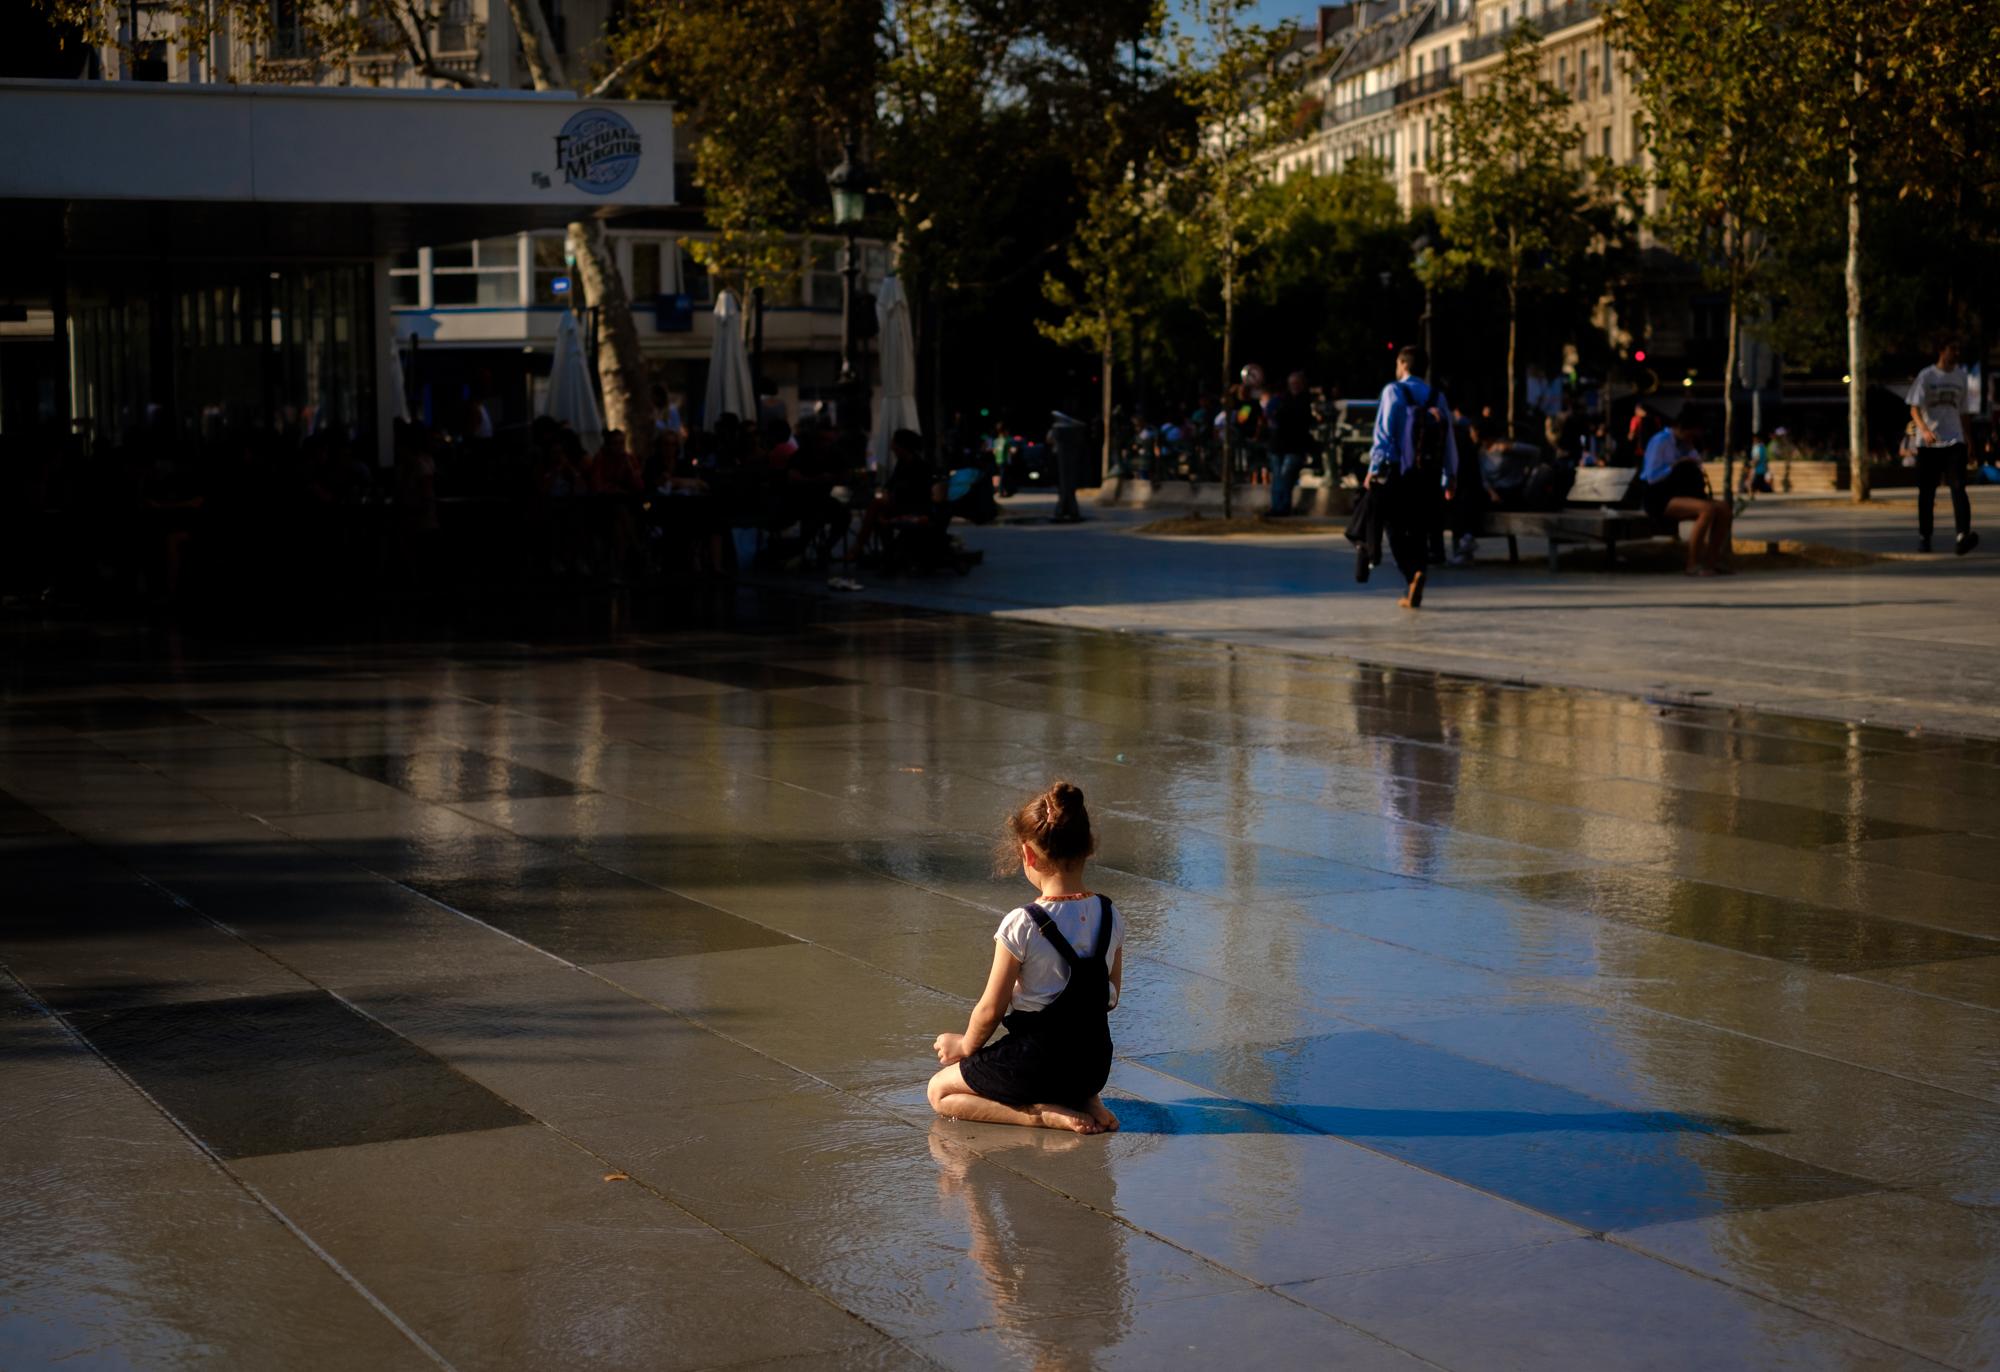 Cooling off in Place de la République